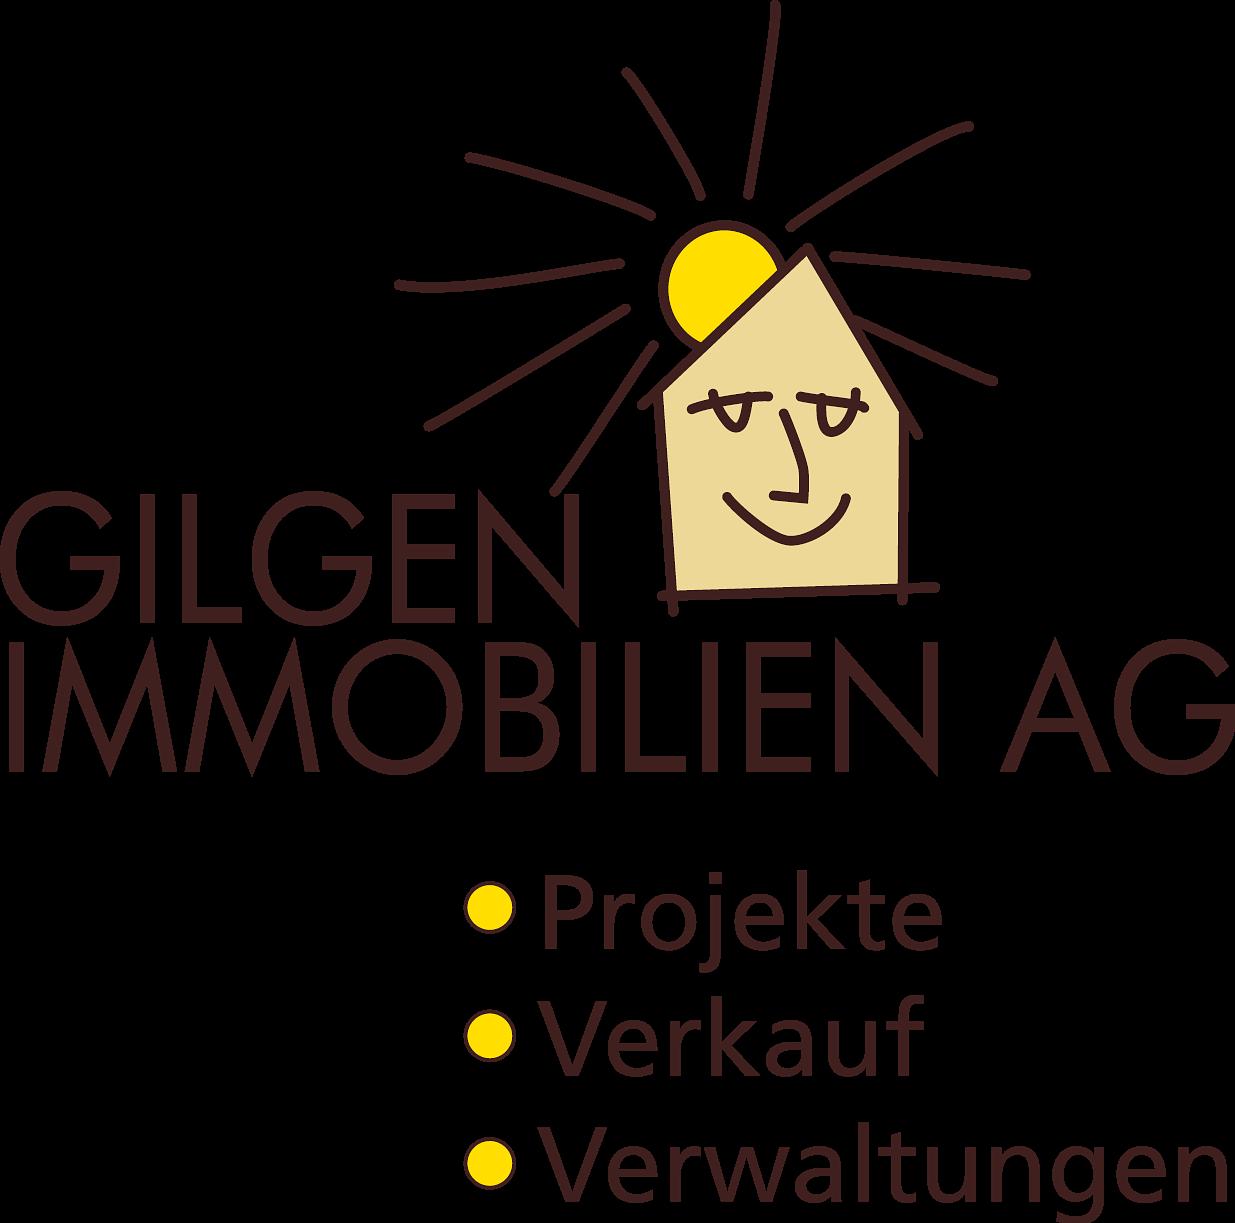 Gilgen Immobilien AG